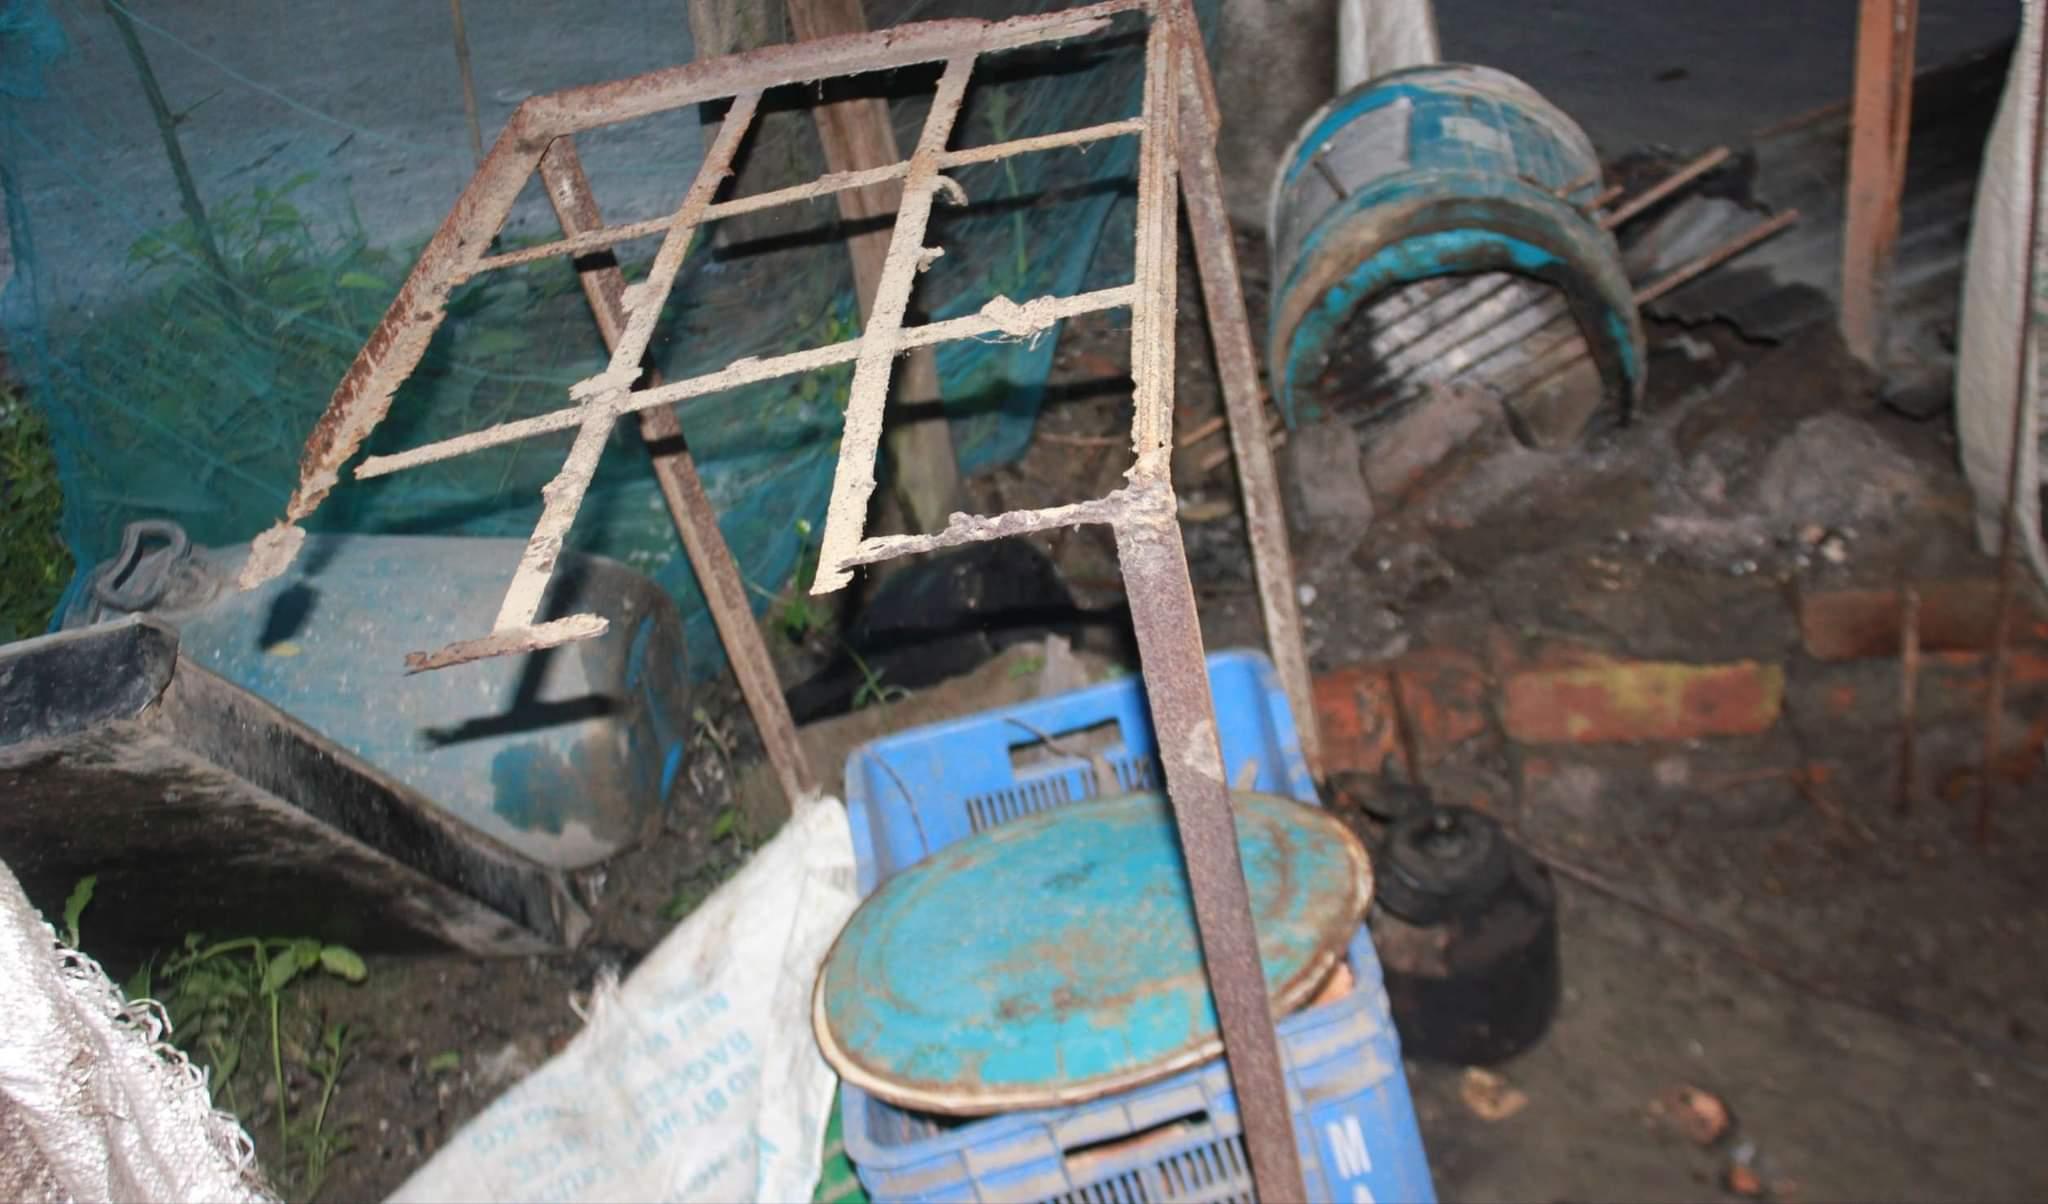 দূর্গাপুর লকডাউনে বন্ধ থাকা  দোকানে ভাংচুর করলো পুলিশ